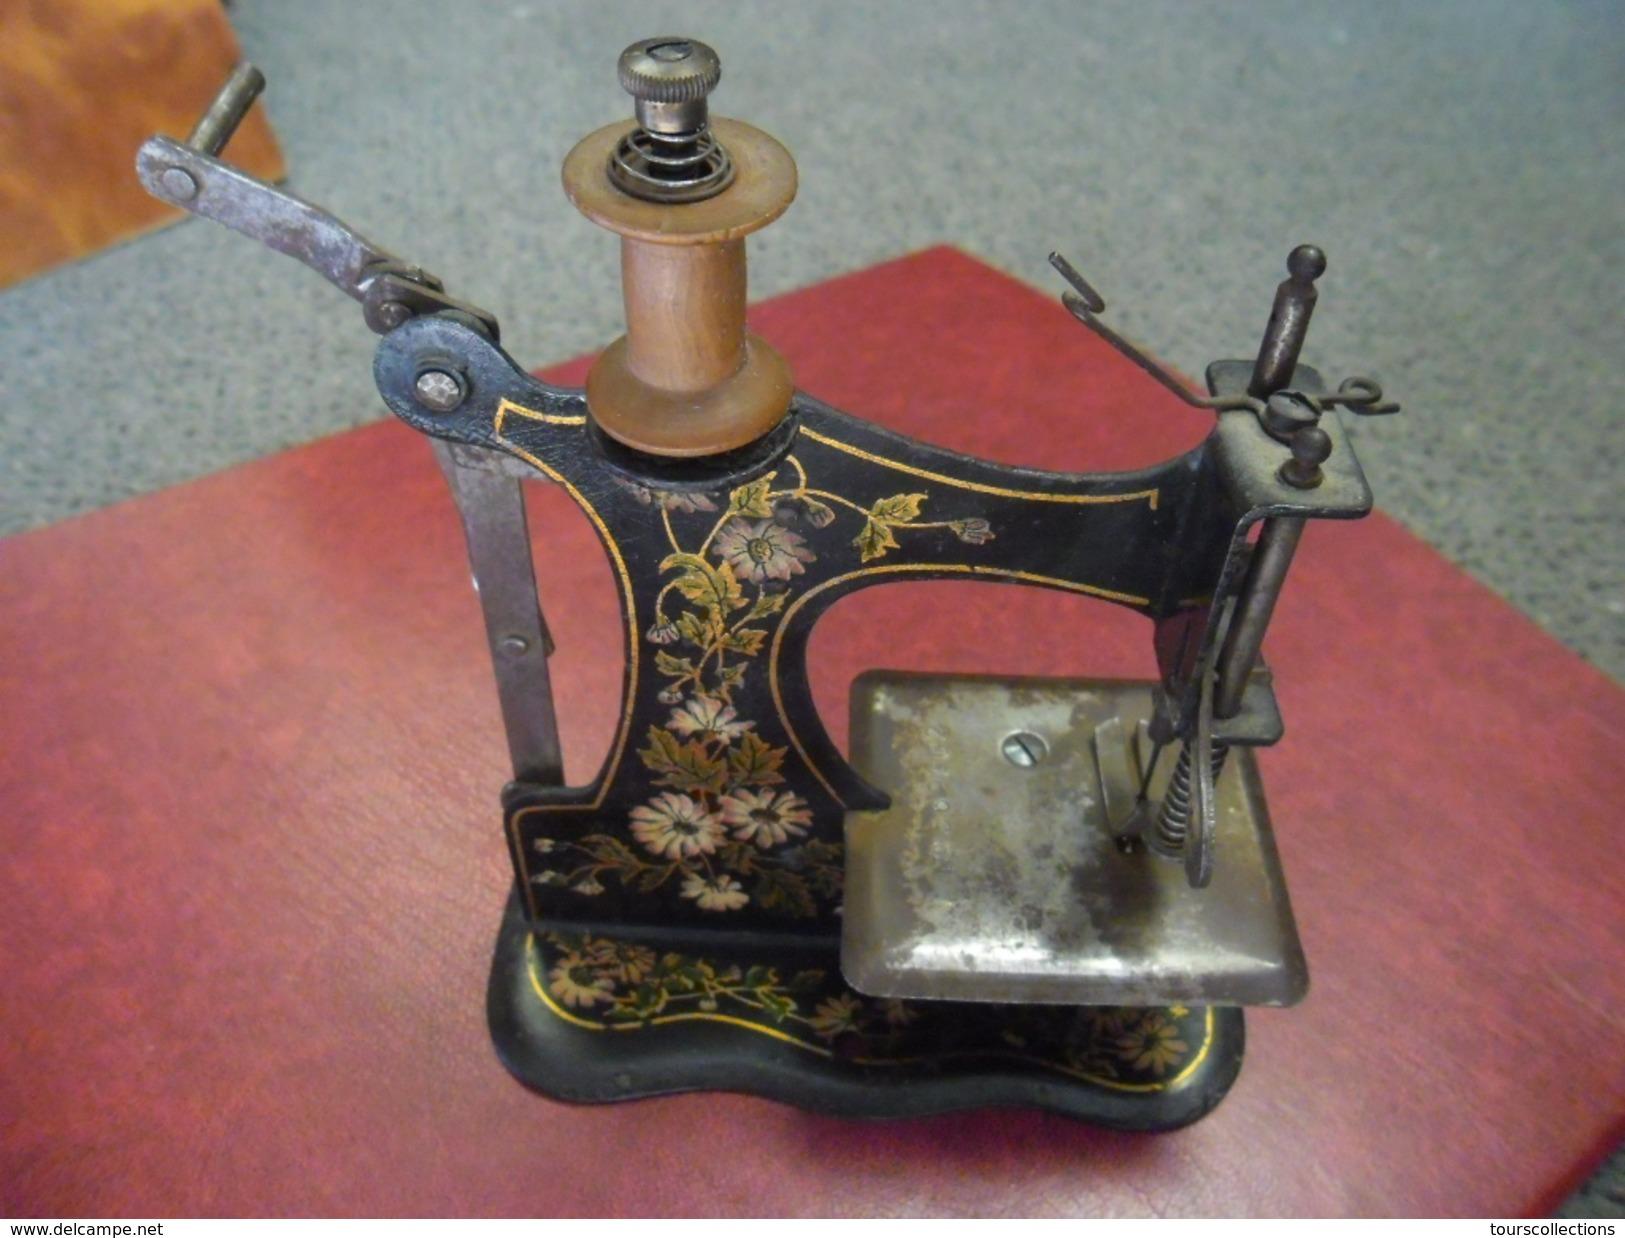 Machine A Coudre Ancienne rare ancienne machine a coudre de poupee marque casige germany art nouveau  de 1903 - jouet en tole - sewing machine toy (numéro d'objet: #442193998)